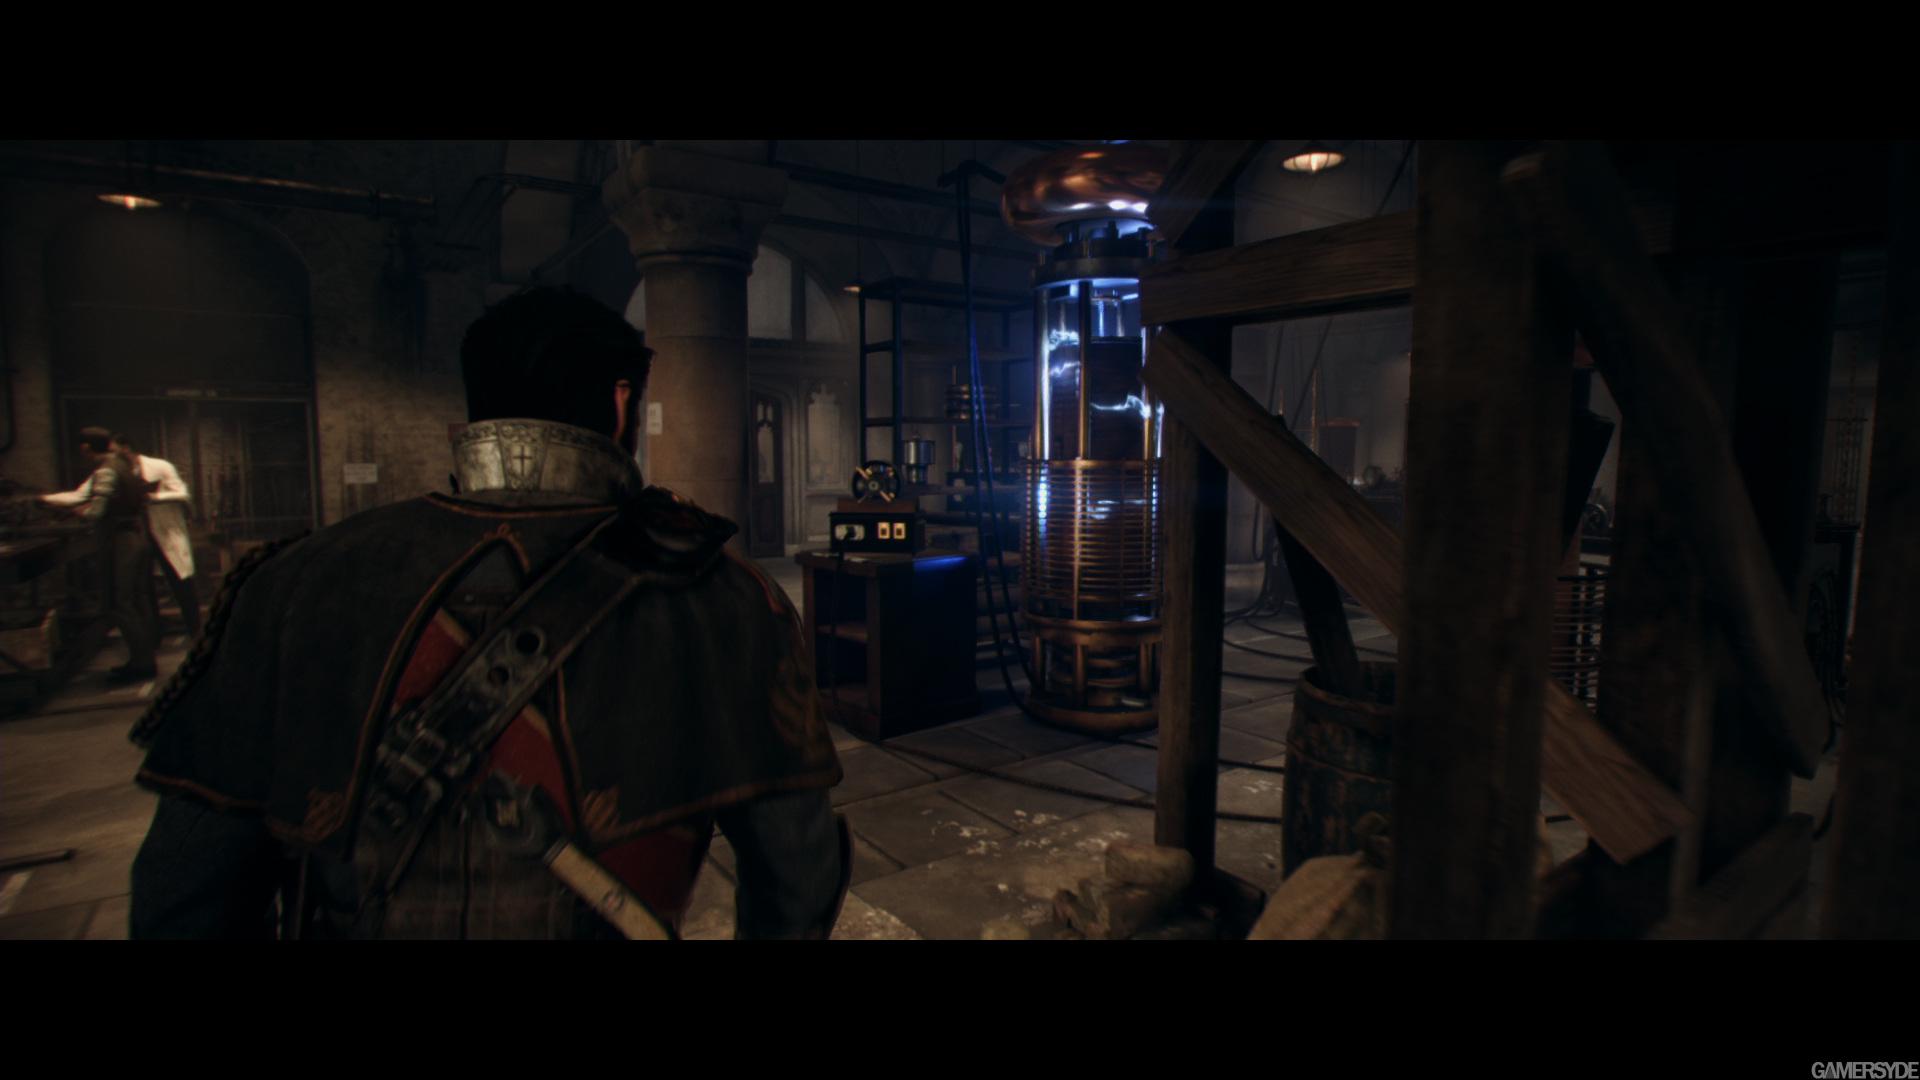 The Order 1886 Gamescom Gameplay Trailer - NeoGAF